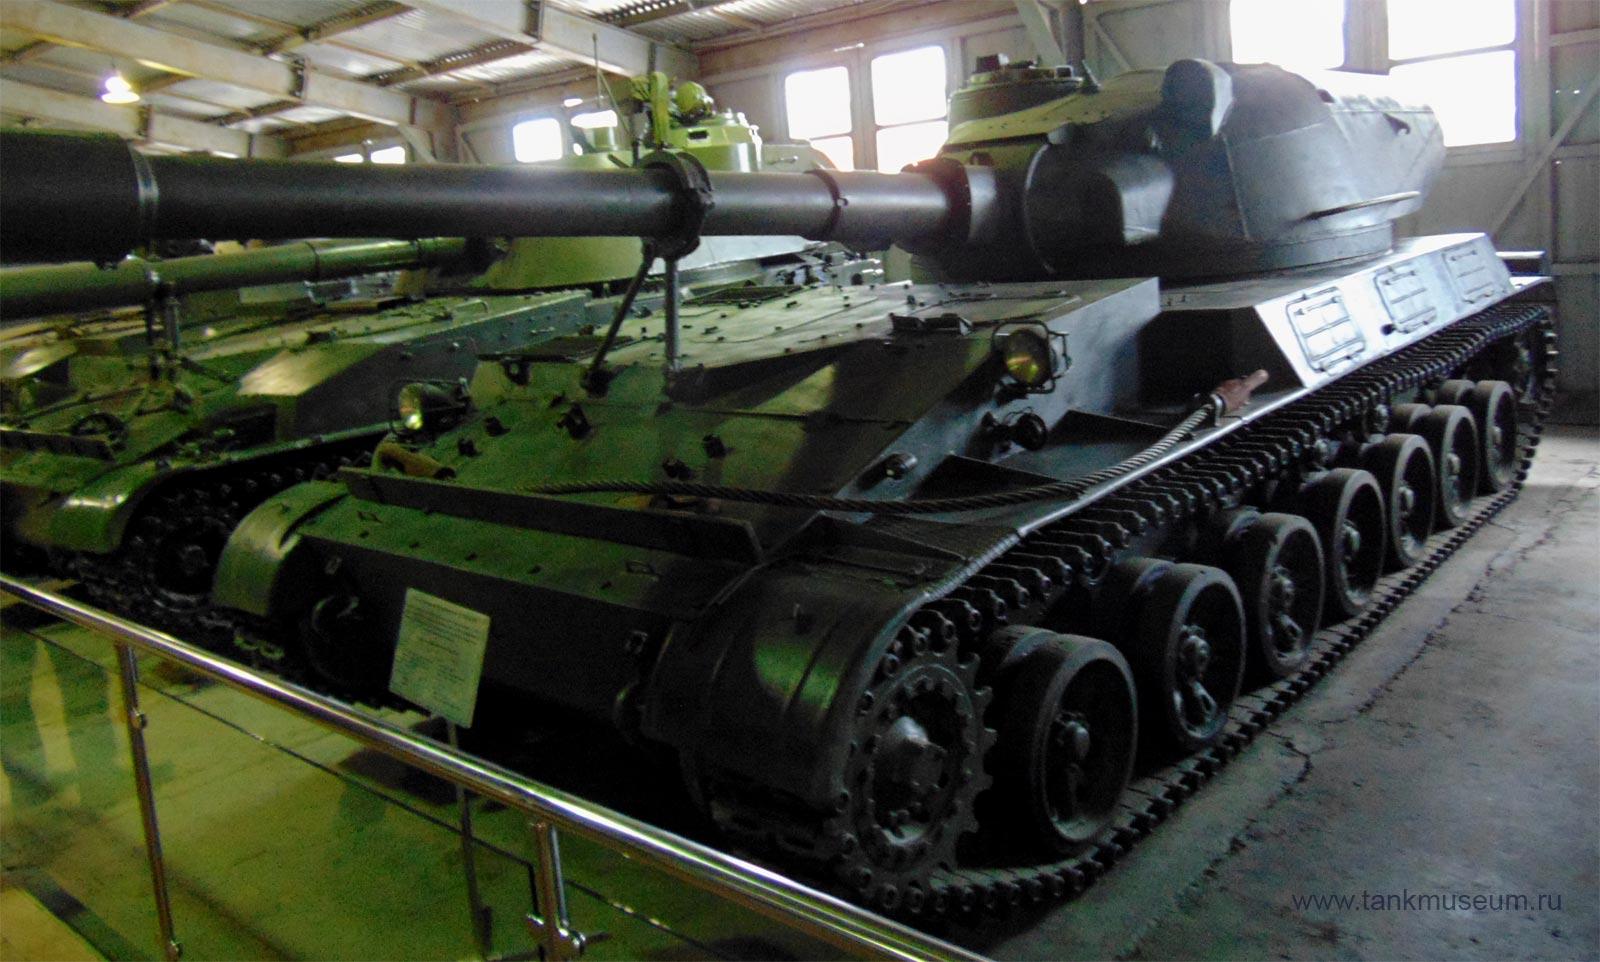 самоходная установка СУ-152 танковый музей Кубинка